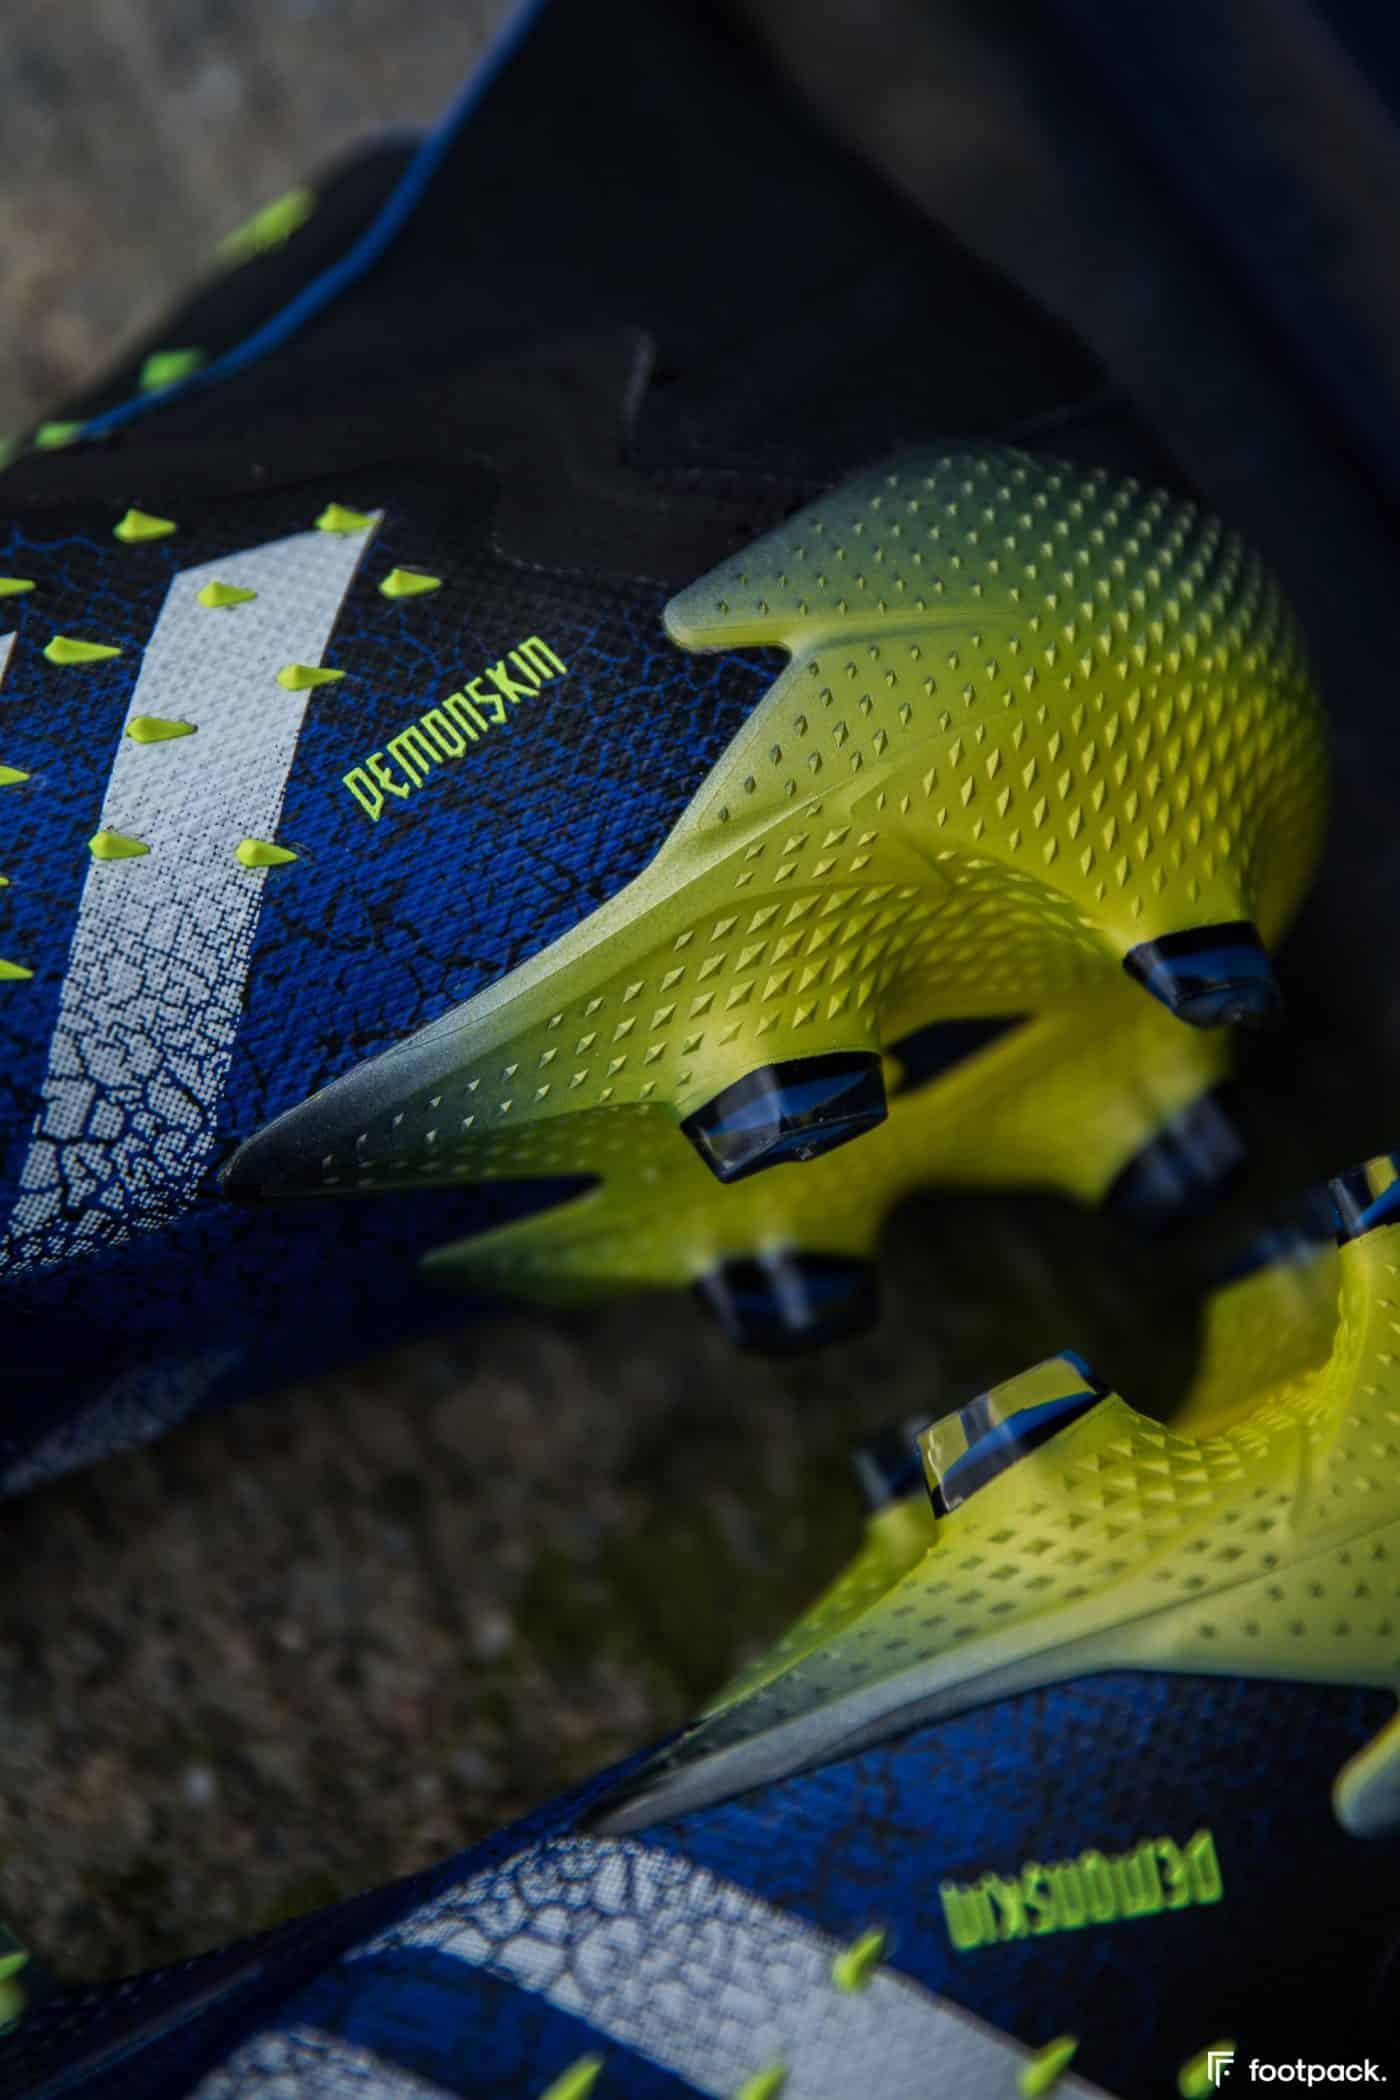 adidas-predator-freak-21-footpack-10